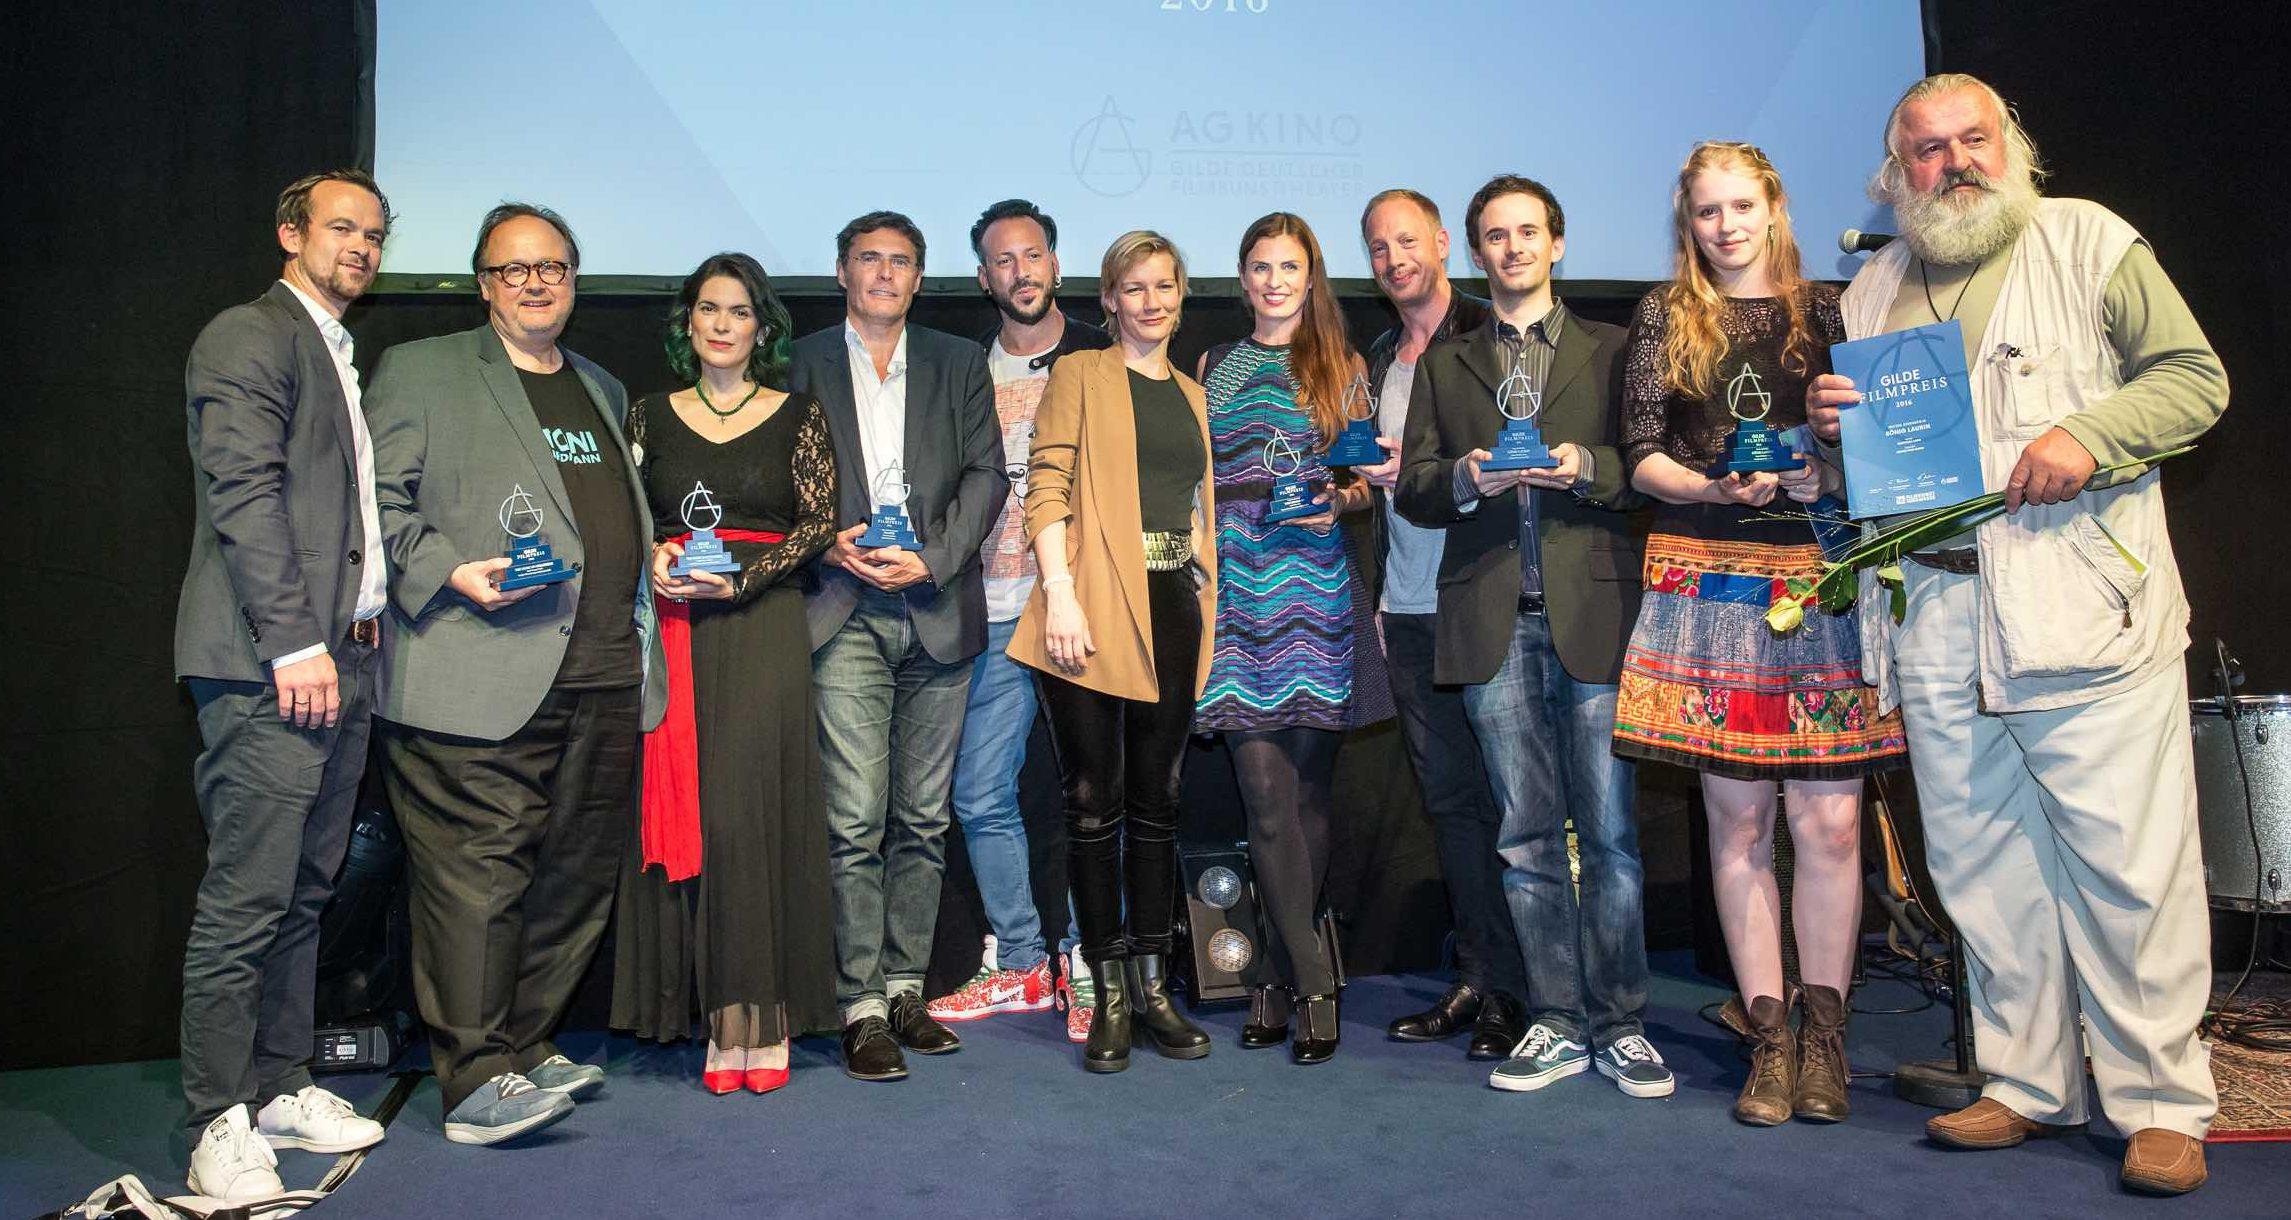 Gilde Filmpreise 2016 in Leipzig verliehen